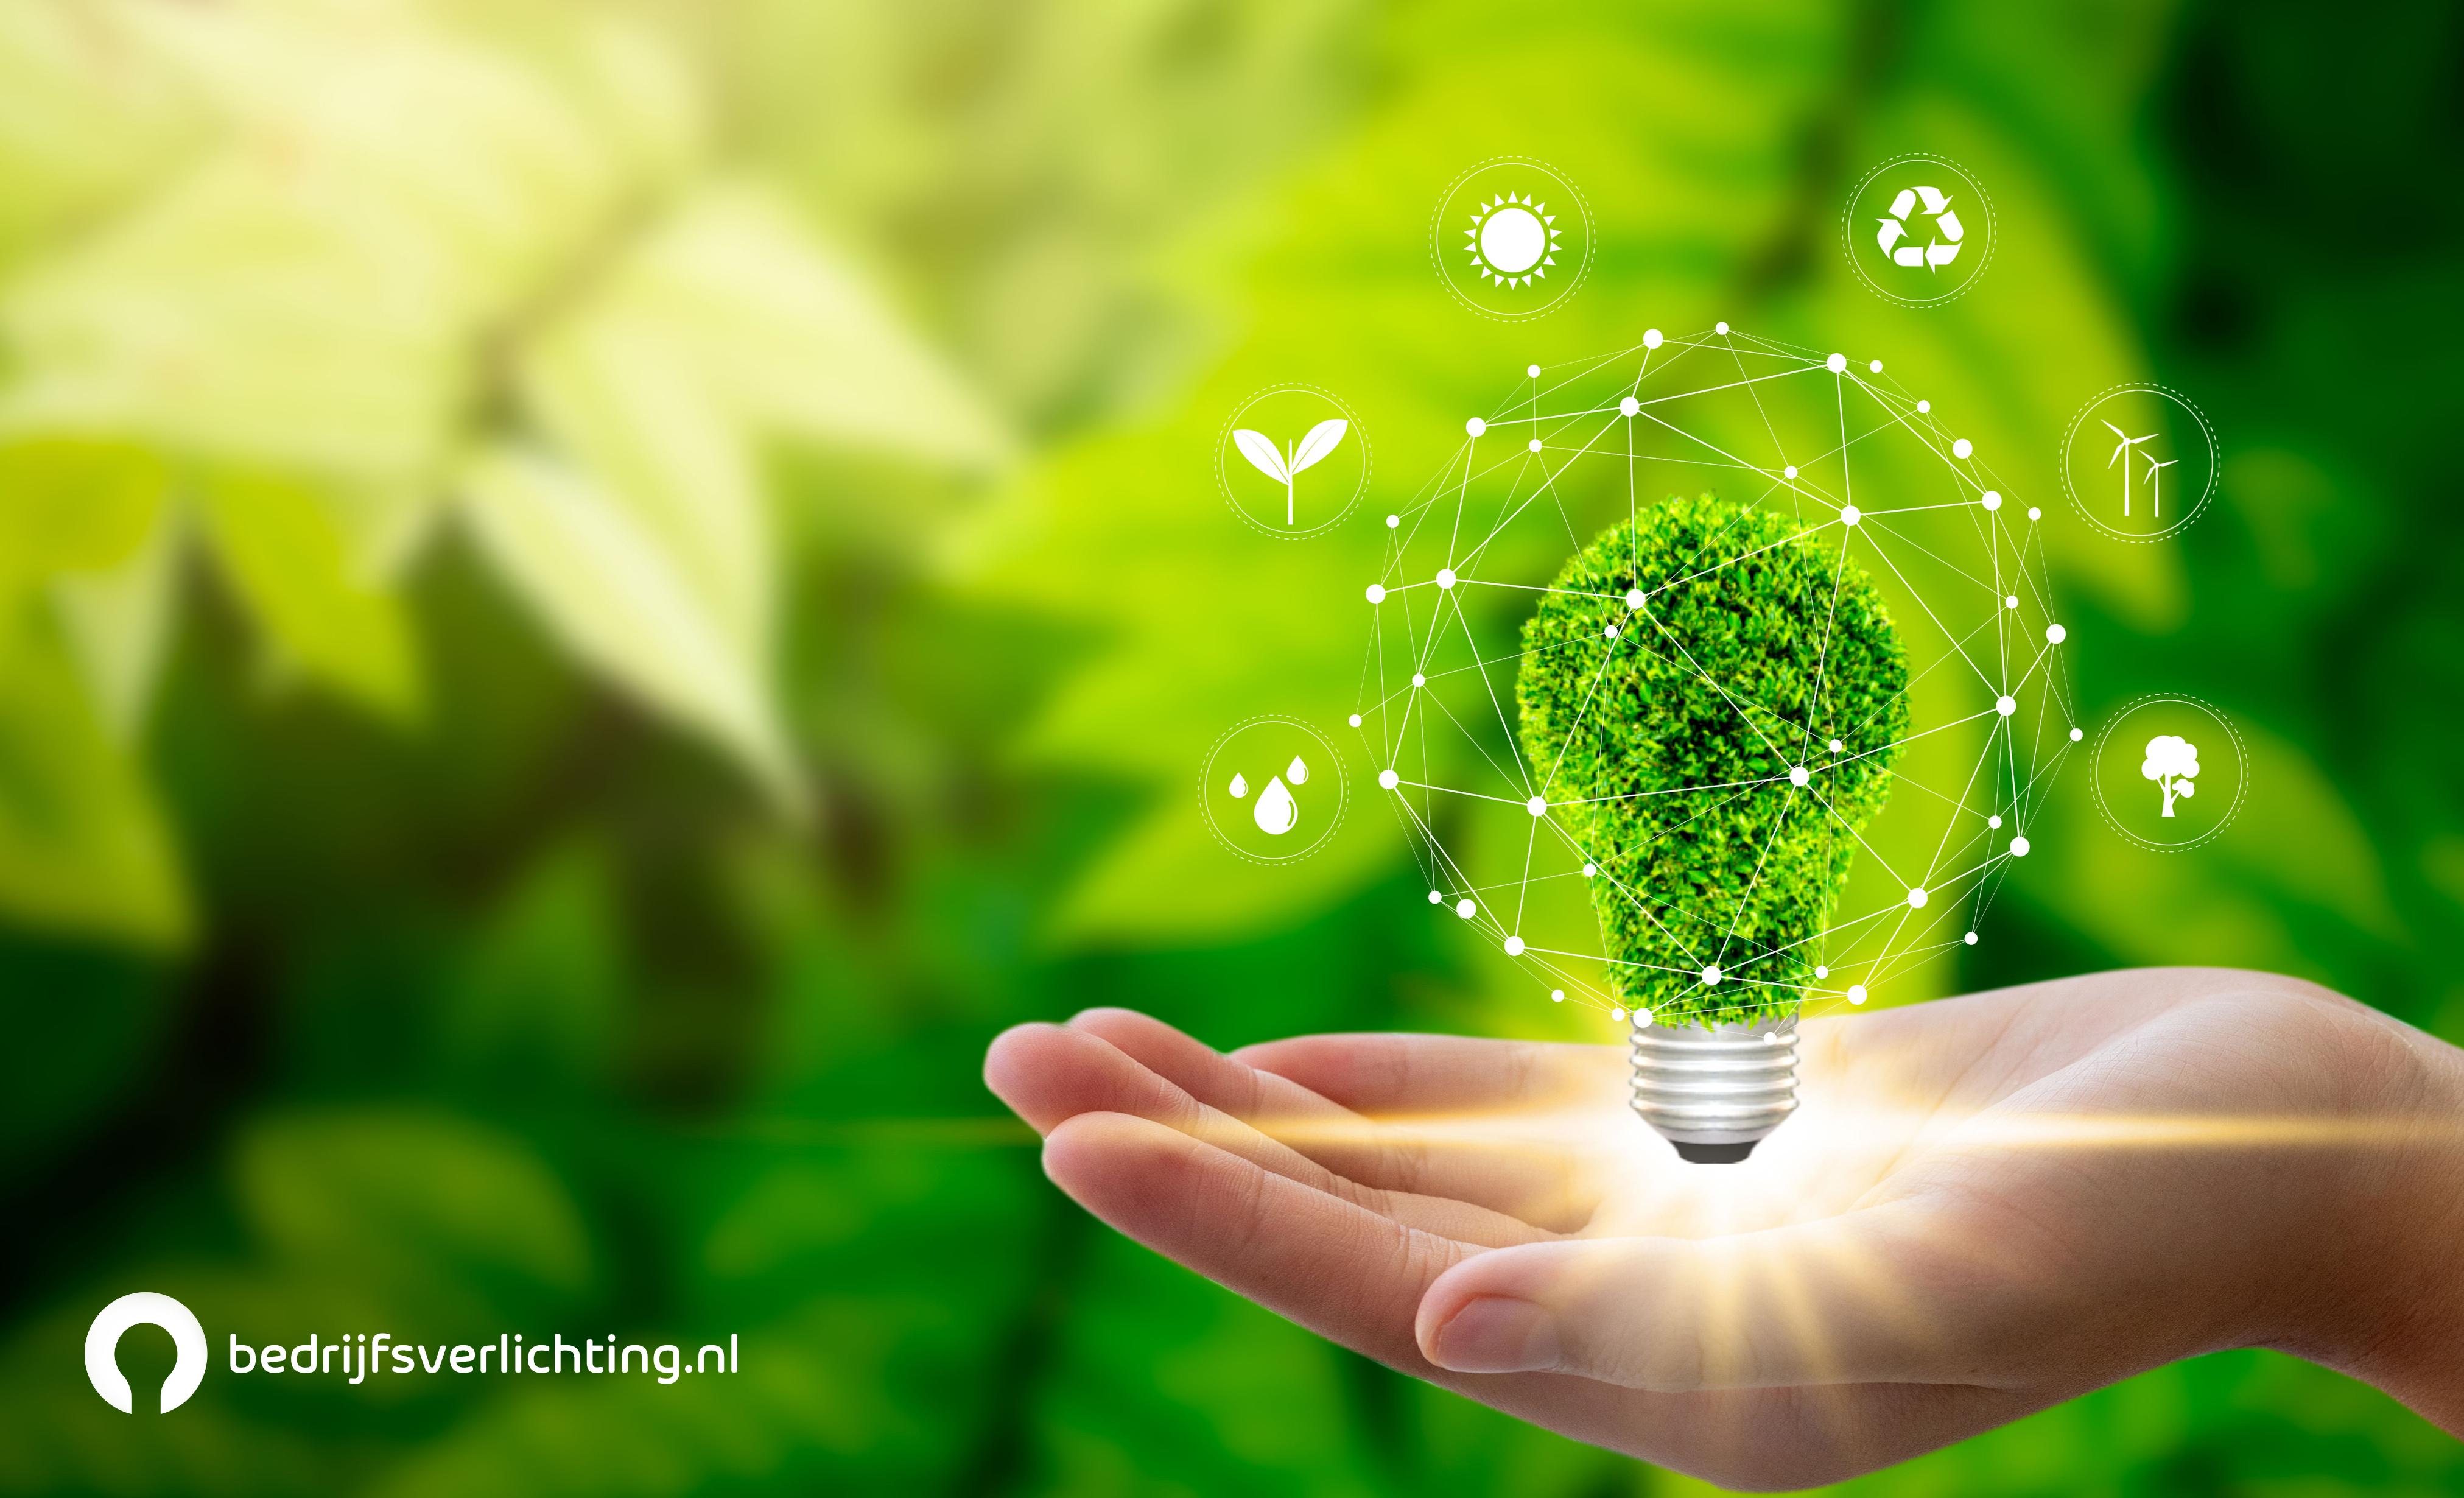 Wereld Milieu Dag 2021: Hoe LED-verlichting bijdraagt aan een schoner milieu